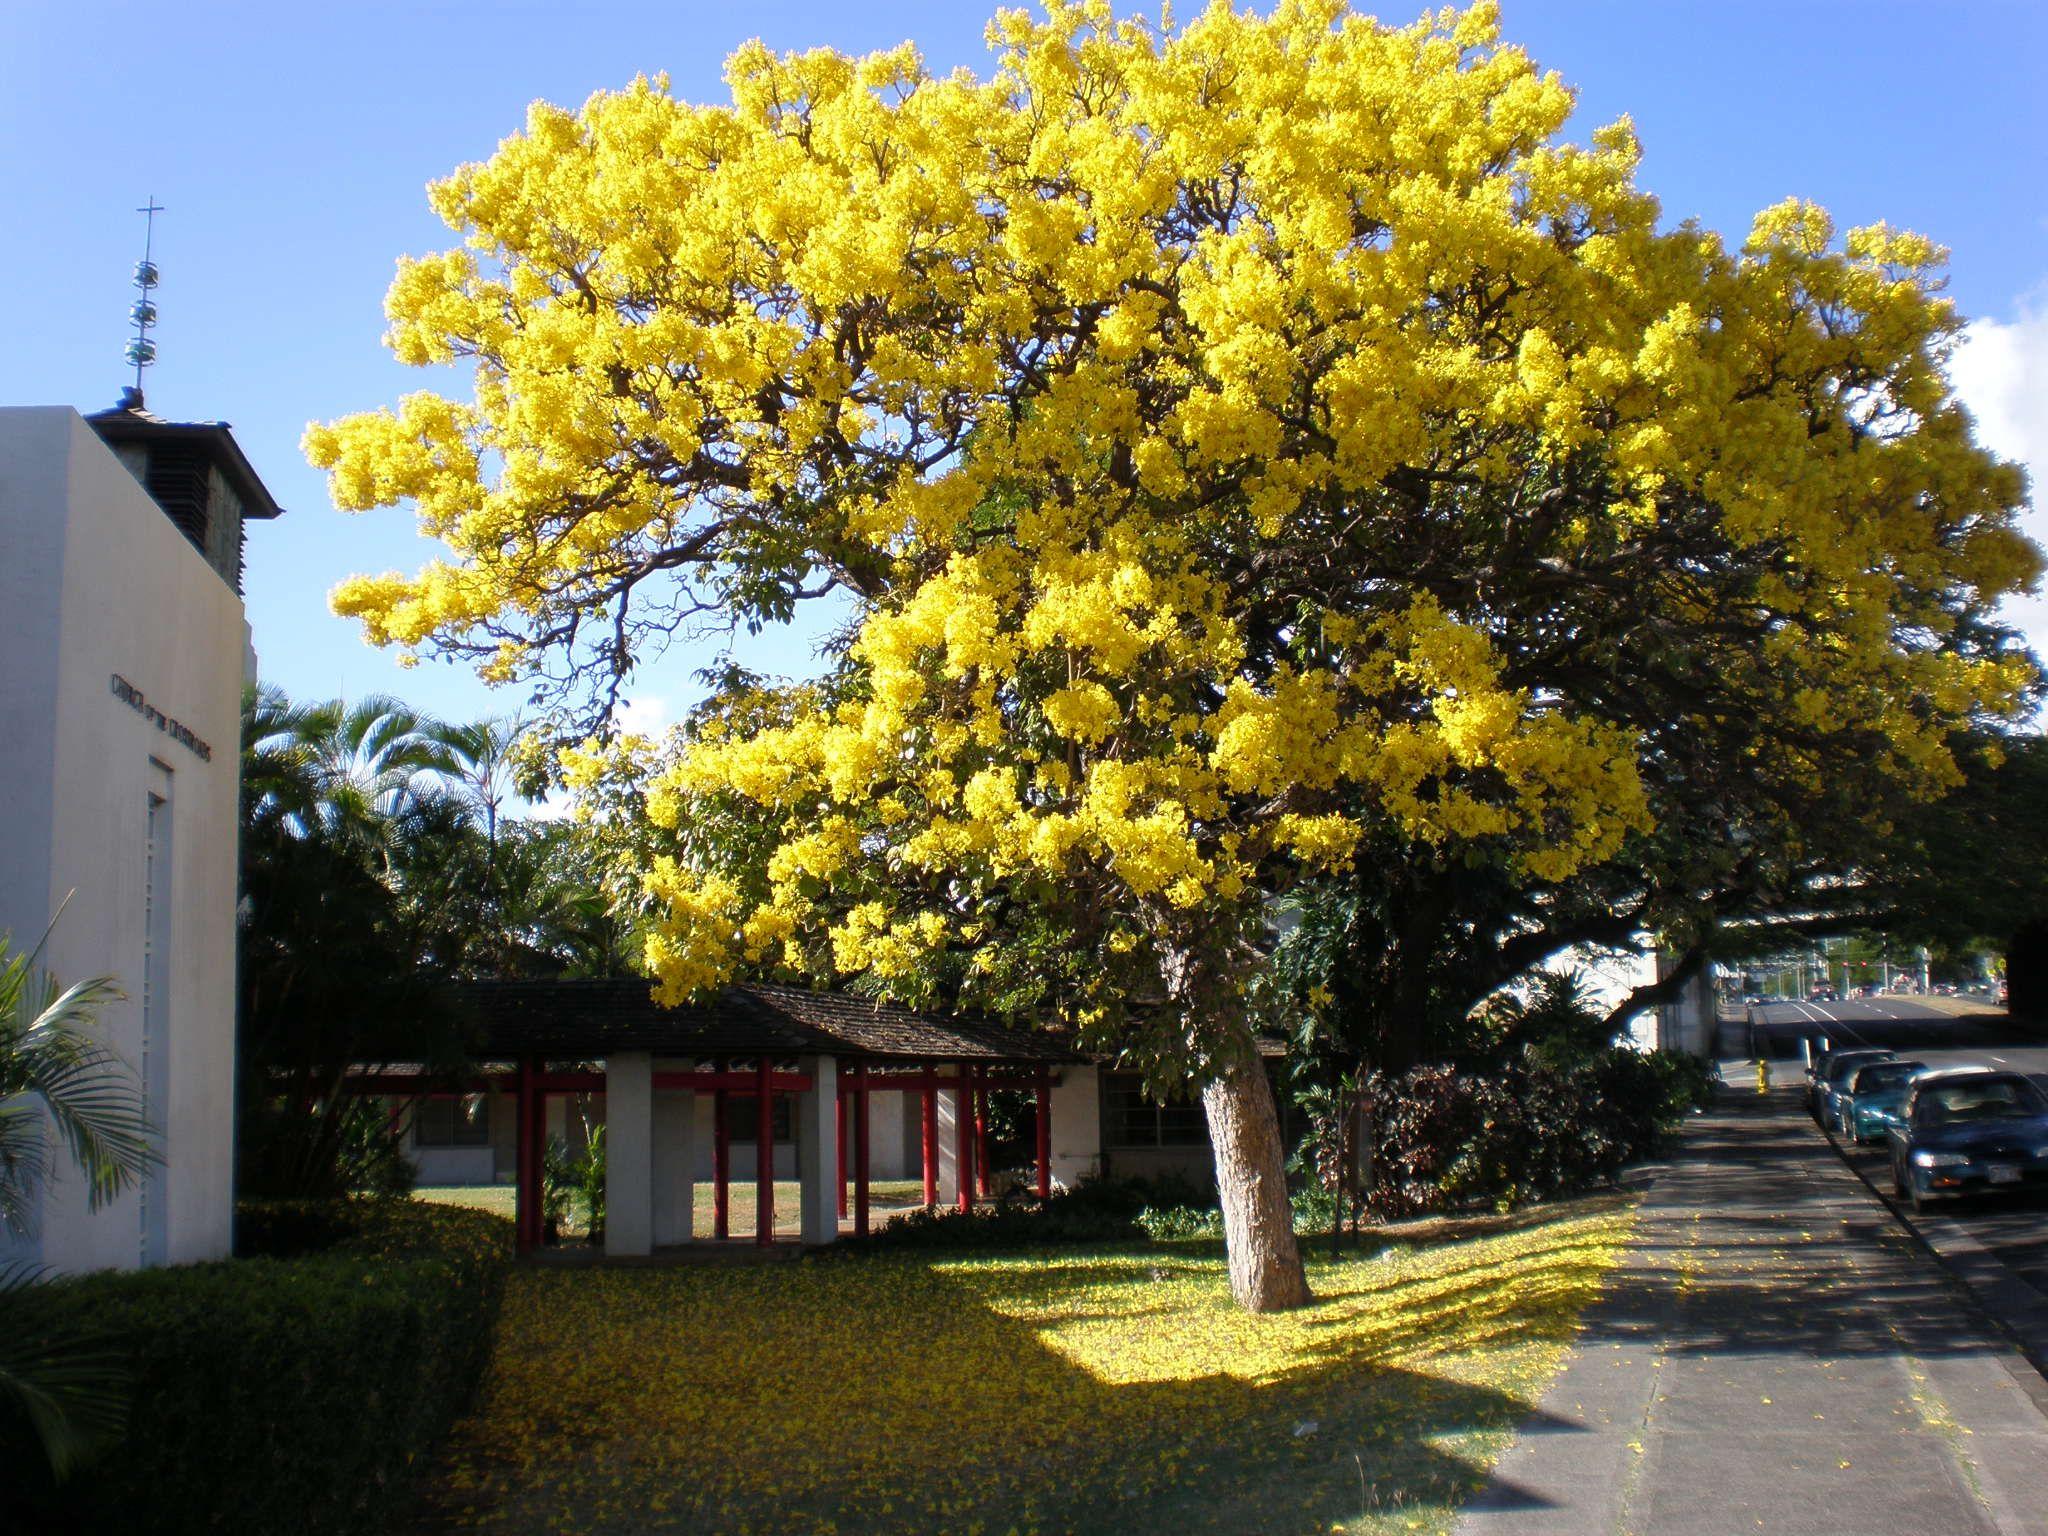 Gold tabebuia tree in full bloom on university avenue side